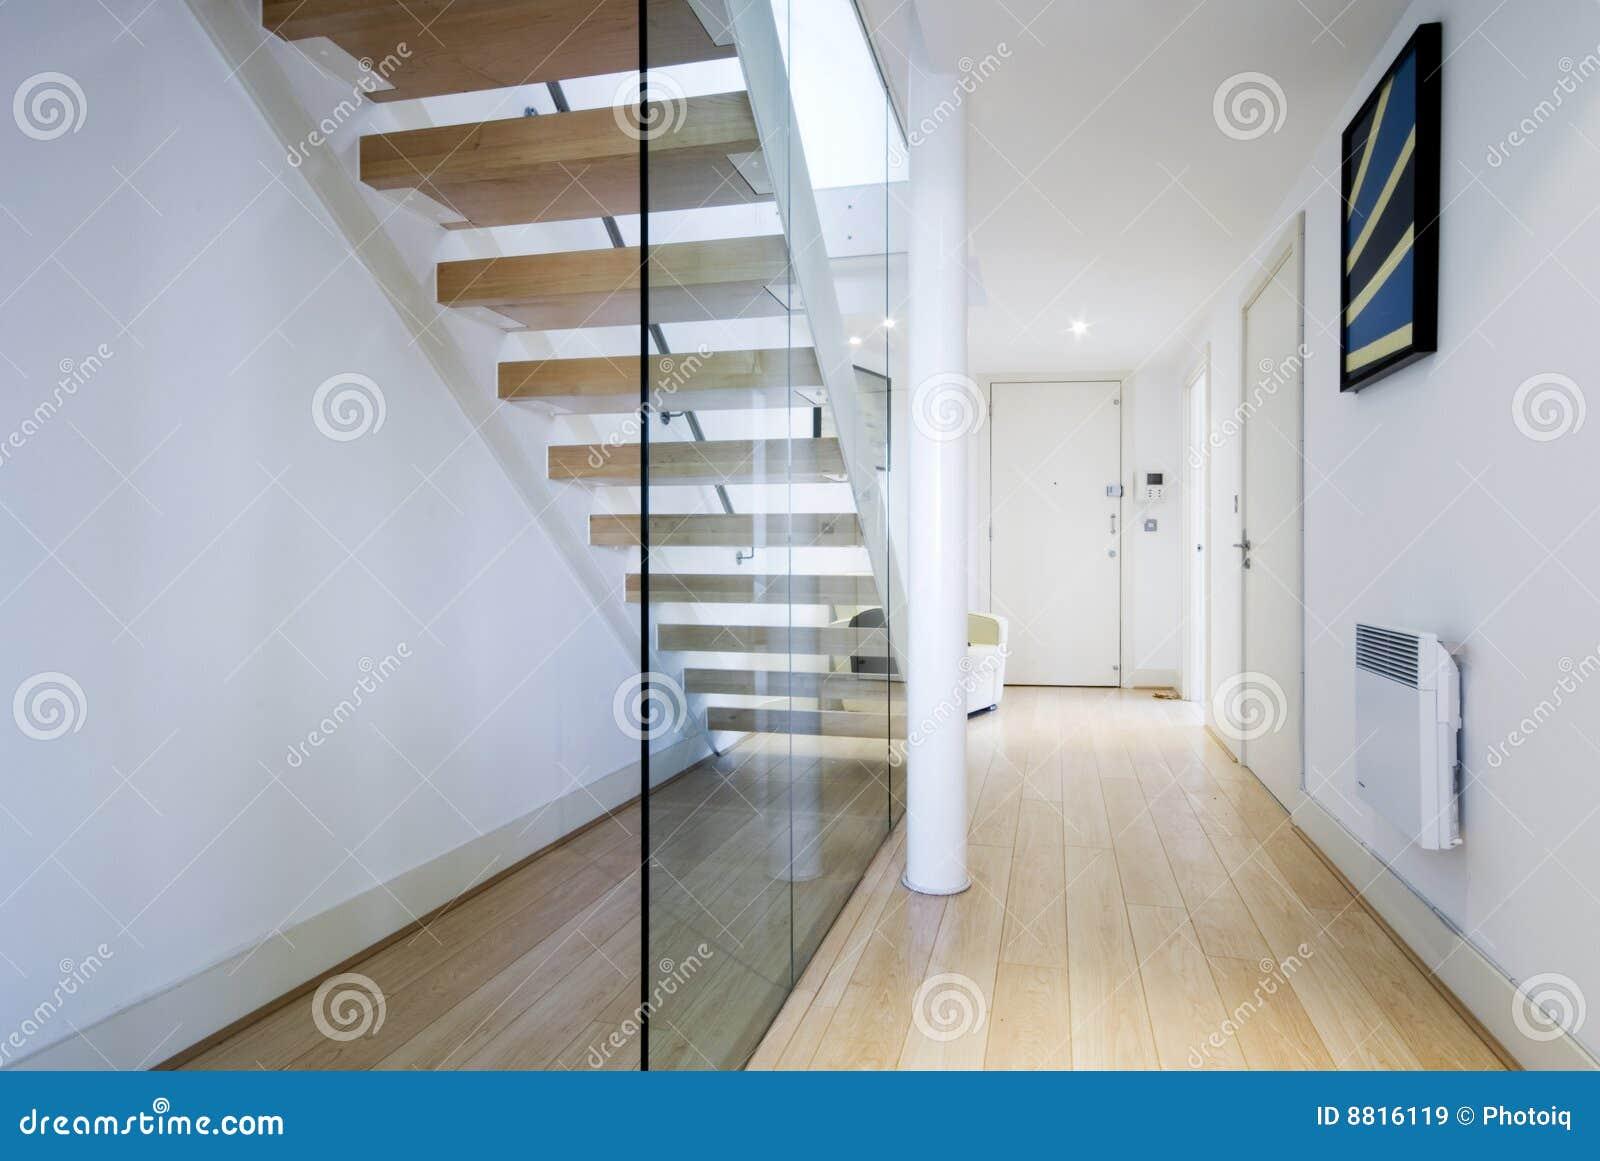 eingangshalle mit treppenhaus lizenzfreie stockbilder bild 8816119. Black Bedroom Furniture Sets. Home Design Ideas